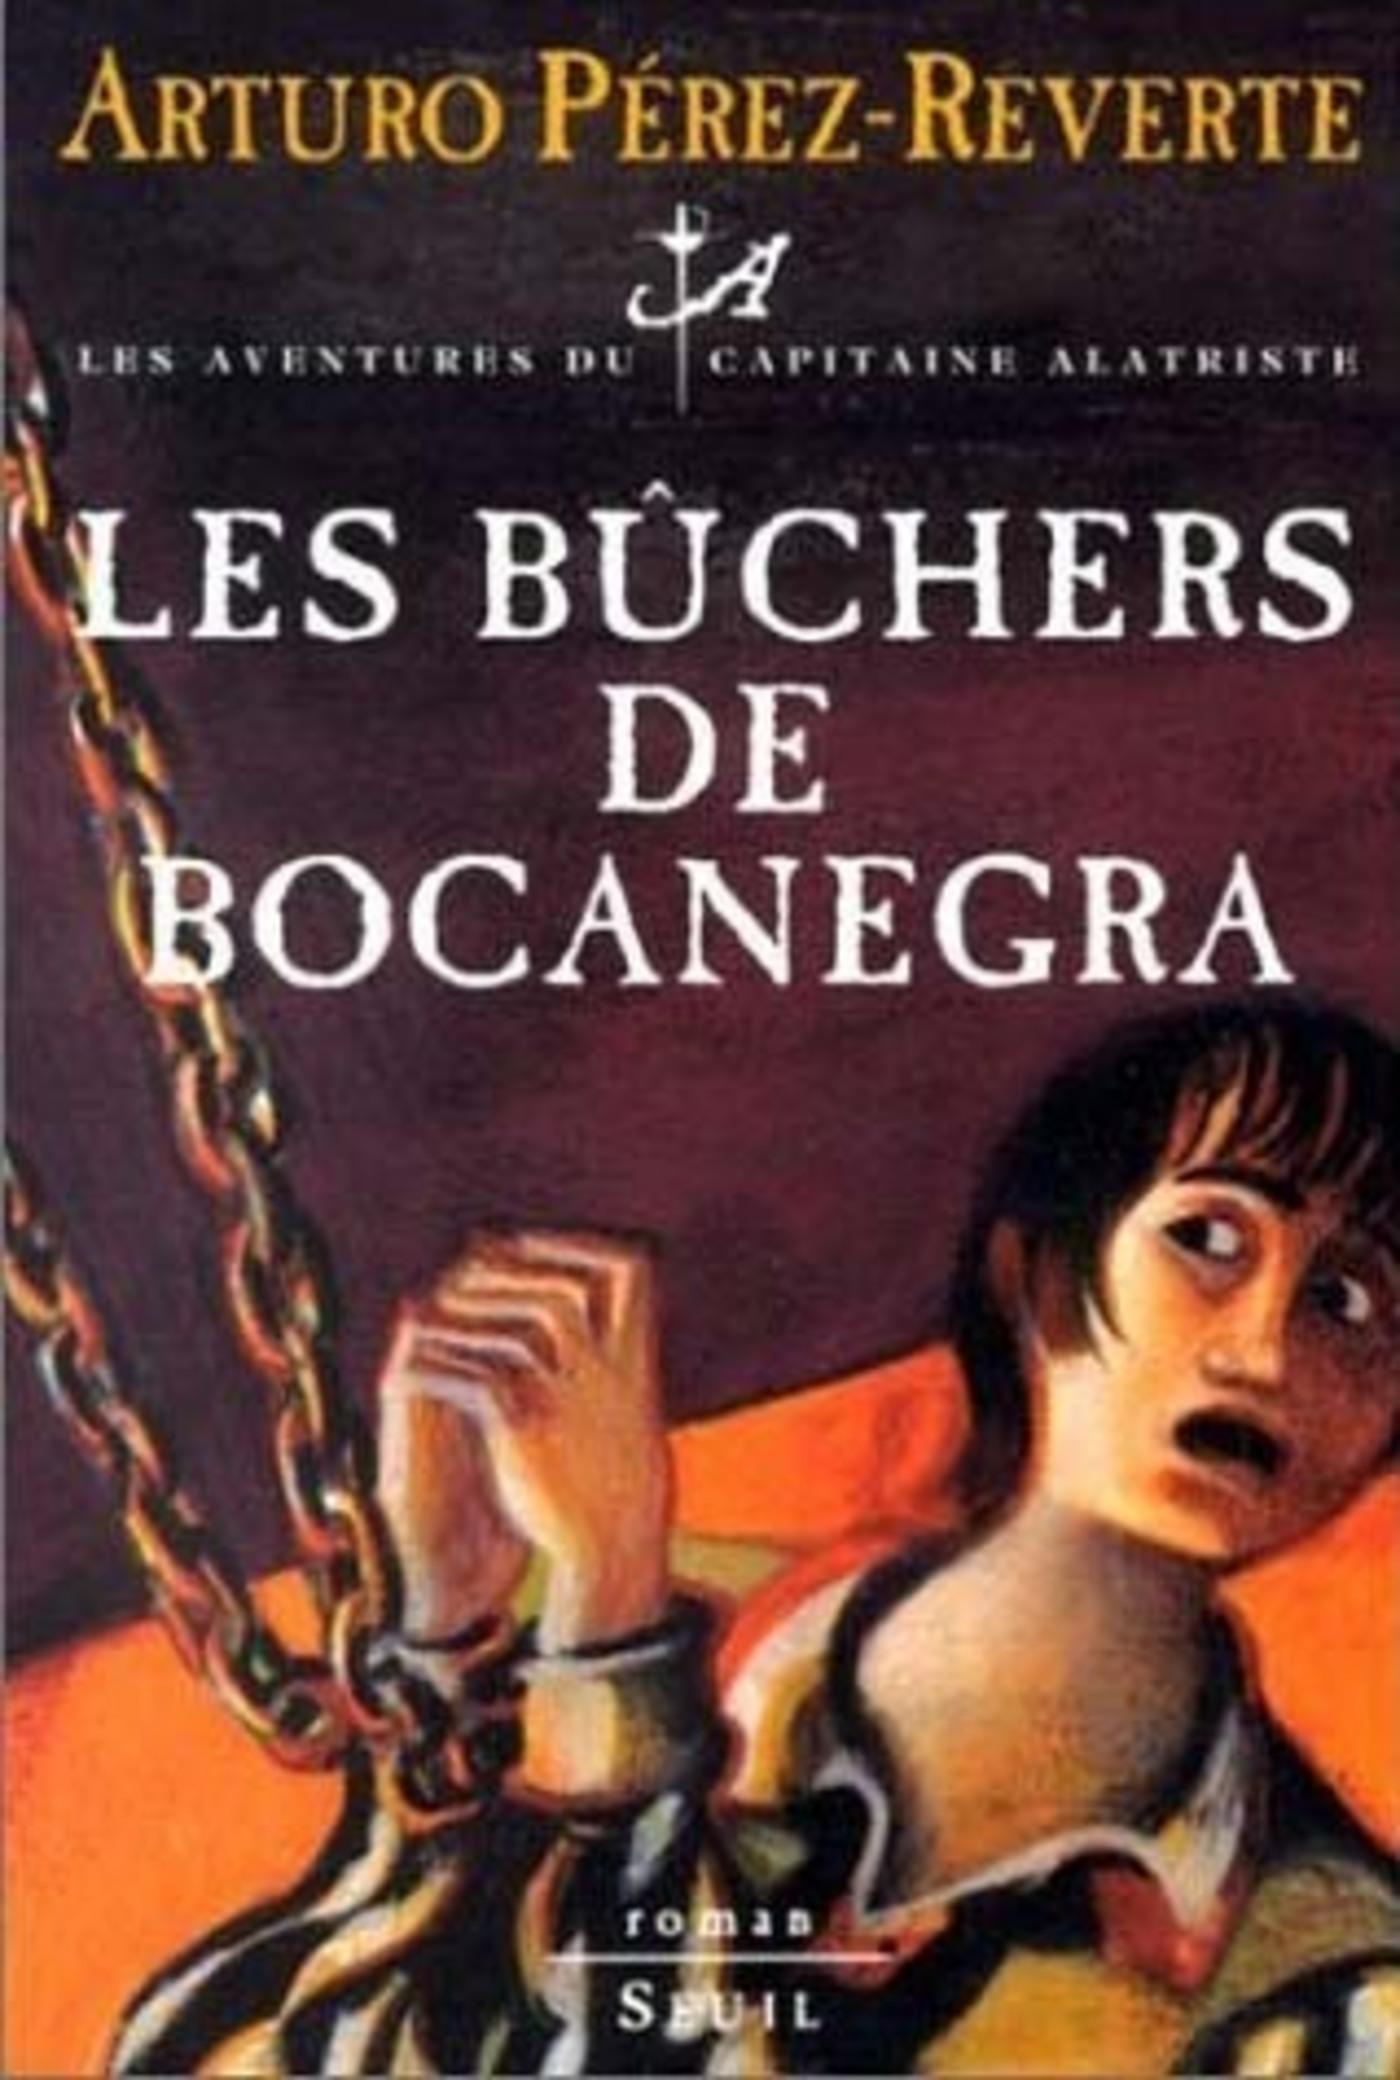 Les Bûchers de Bocanegra . Les Aventures du Capitaine Alatriste, t. 2 | Pérez-Reverte, Arturo